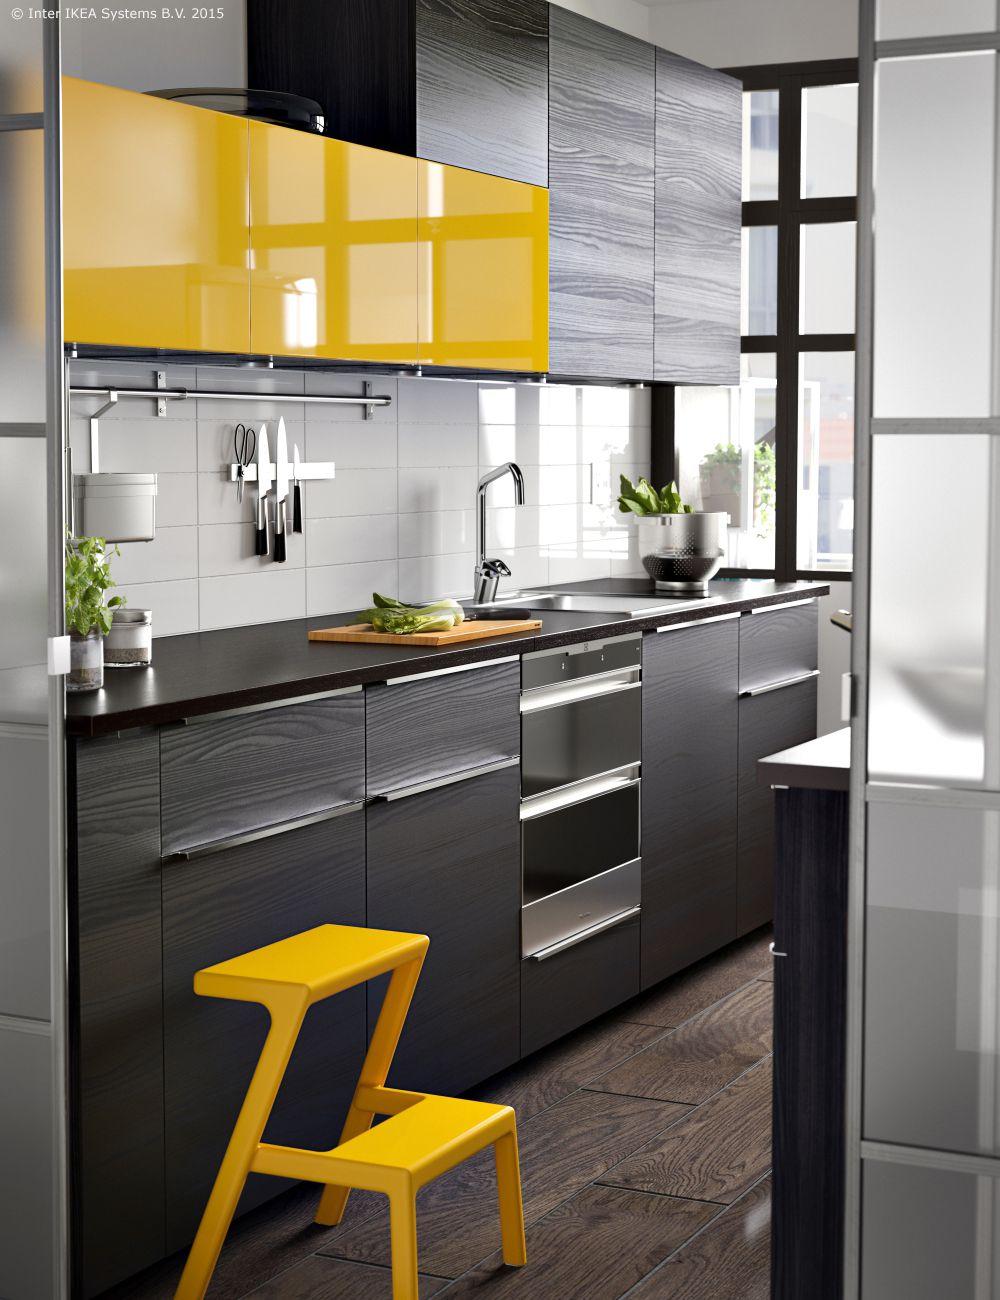 Uz pomo metod sustava mo e lako stvoriti kuhinju iz for Ikea kuche metod